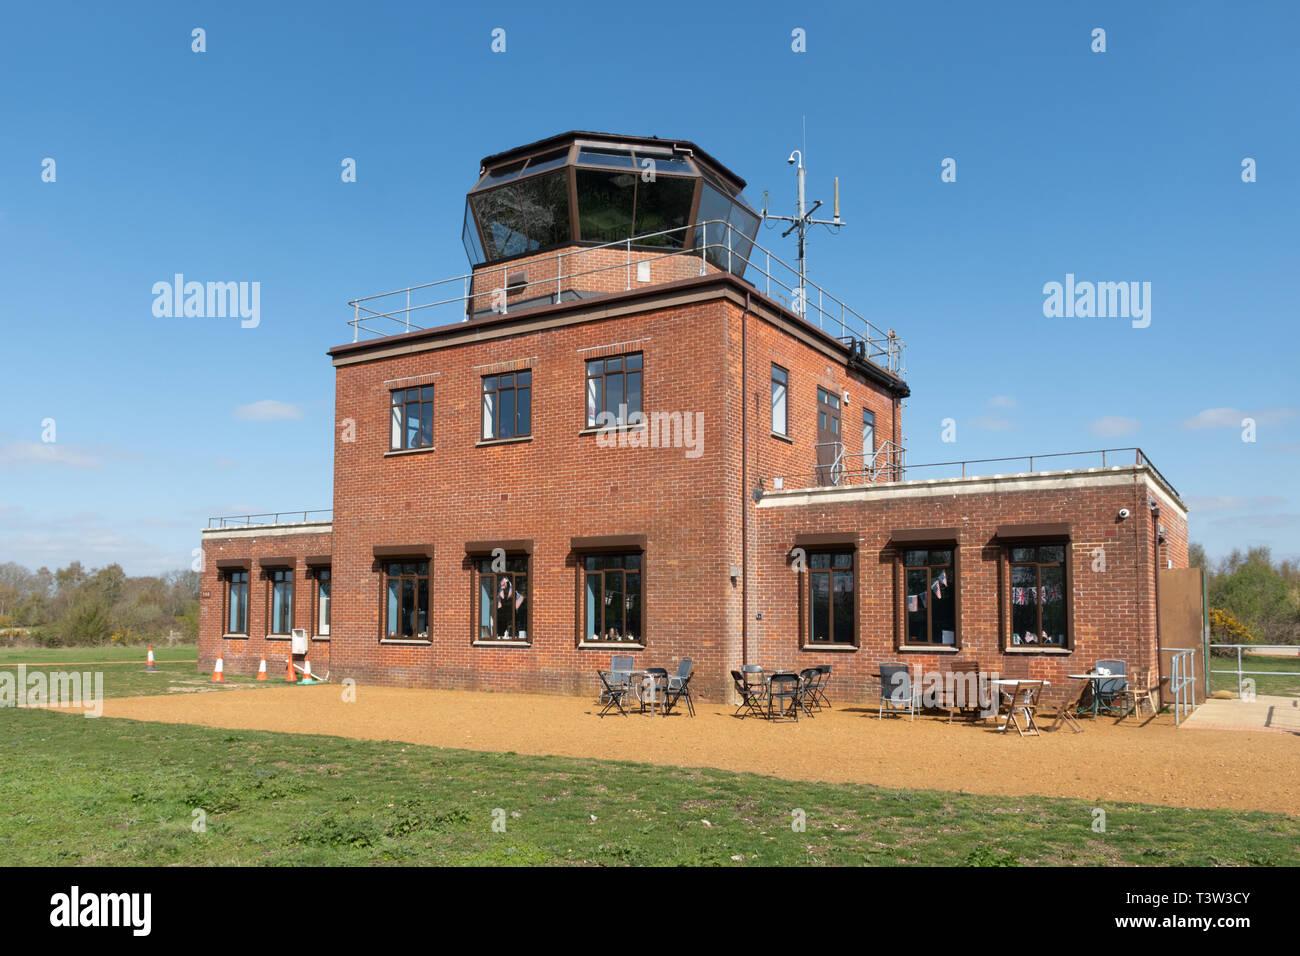 La torre di controllo a Greenham Common vicino a Newbury, Berkshire, Regno Unito, recentemente aperto al pubblico. Immagini Stock